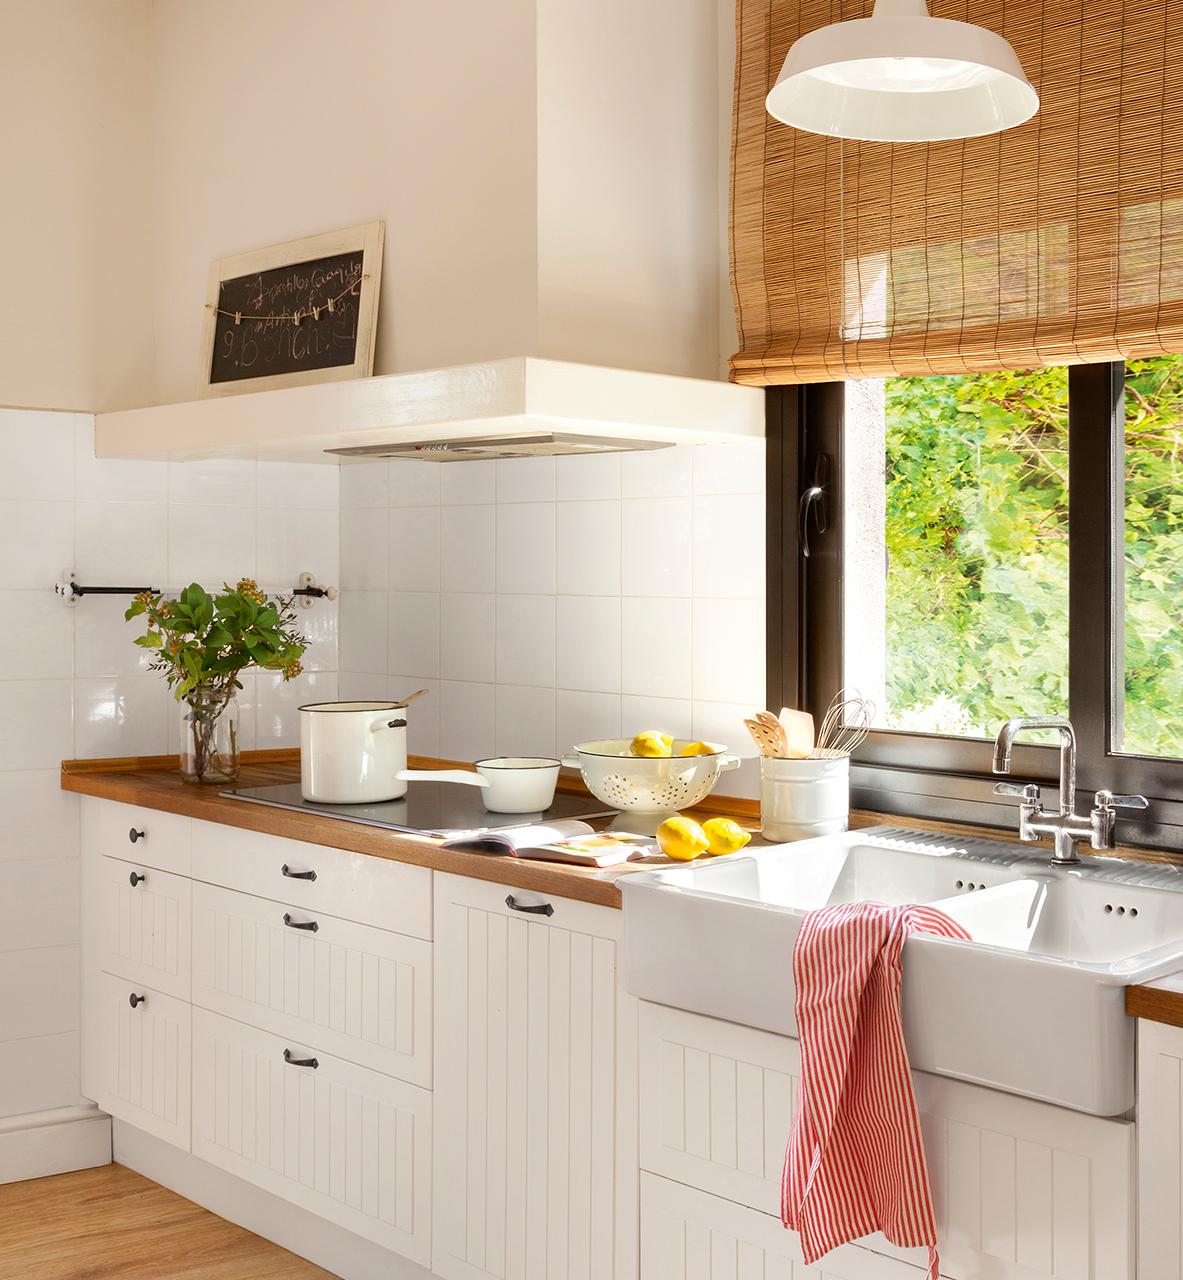 Muebles de cocina en madera zona oeste for Muebles de cocina zona norte